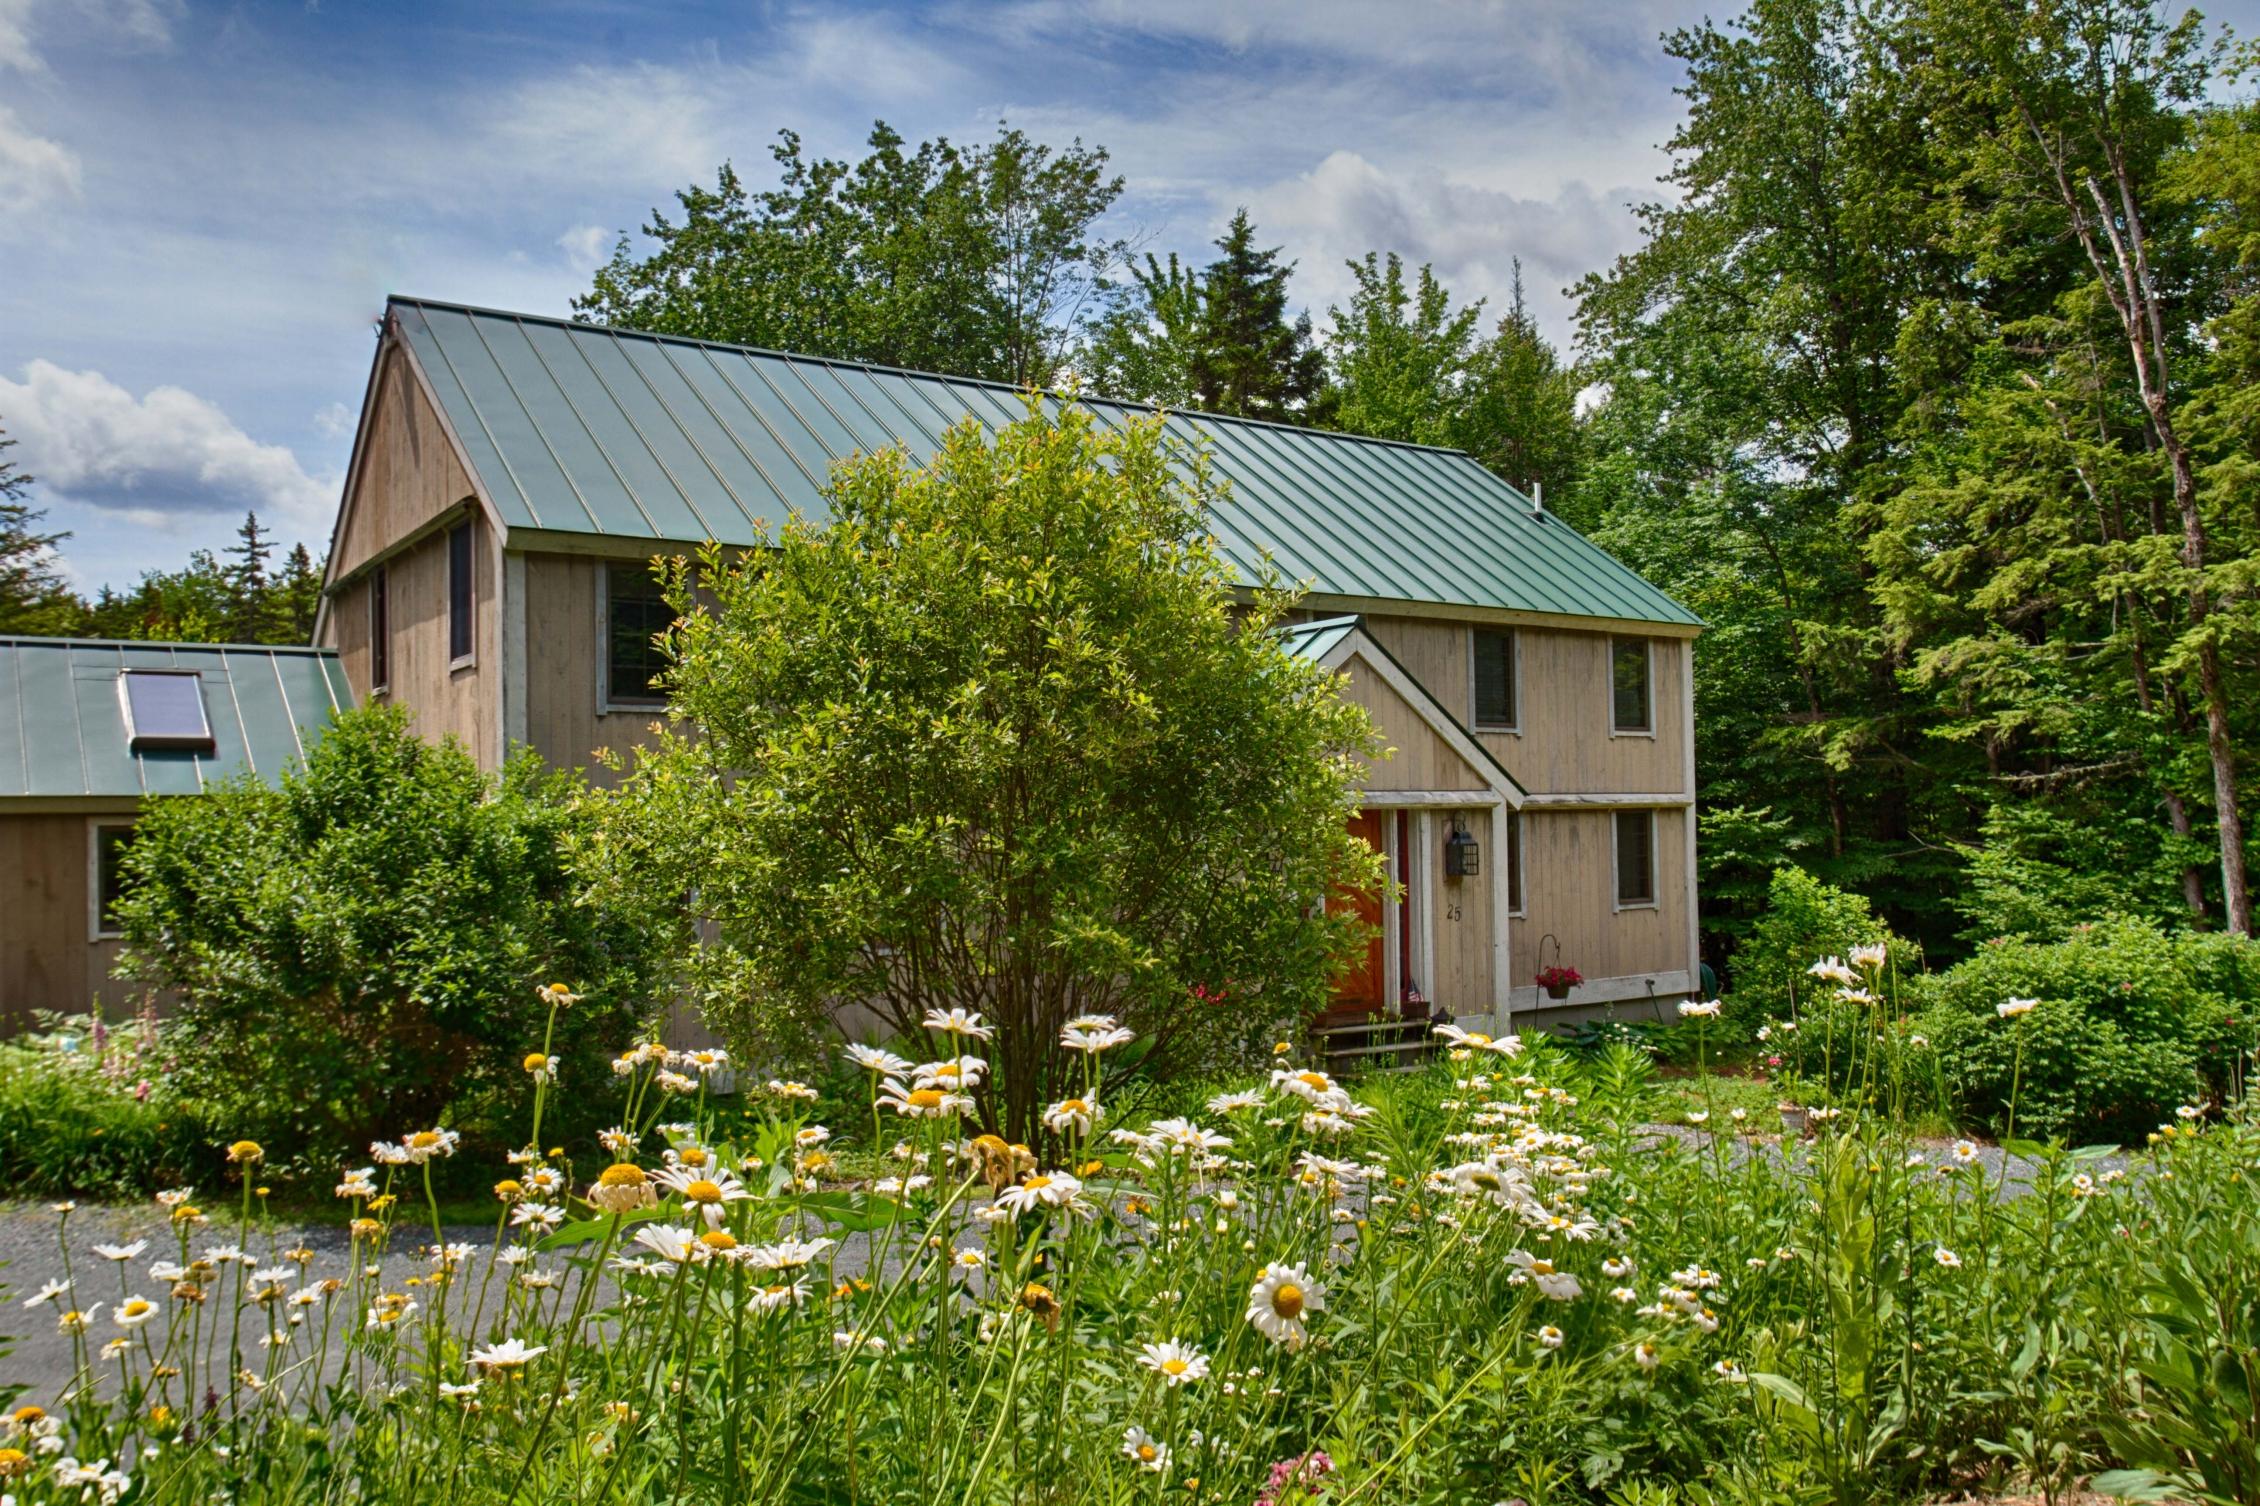 Maison unifamiliale pour l Vente à 25 Catamount Rd., Grantham Grantham, New Hampshire 03753 États-Unis